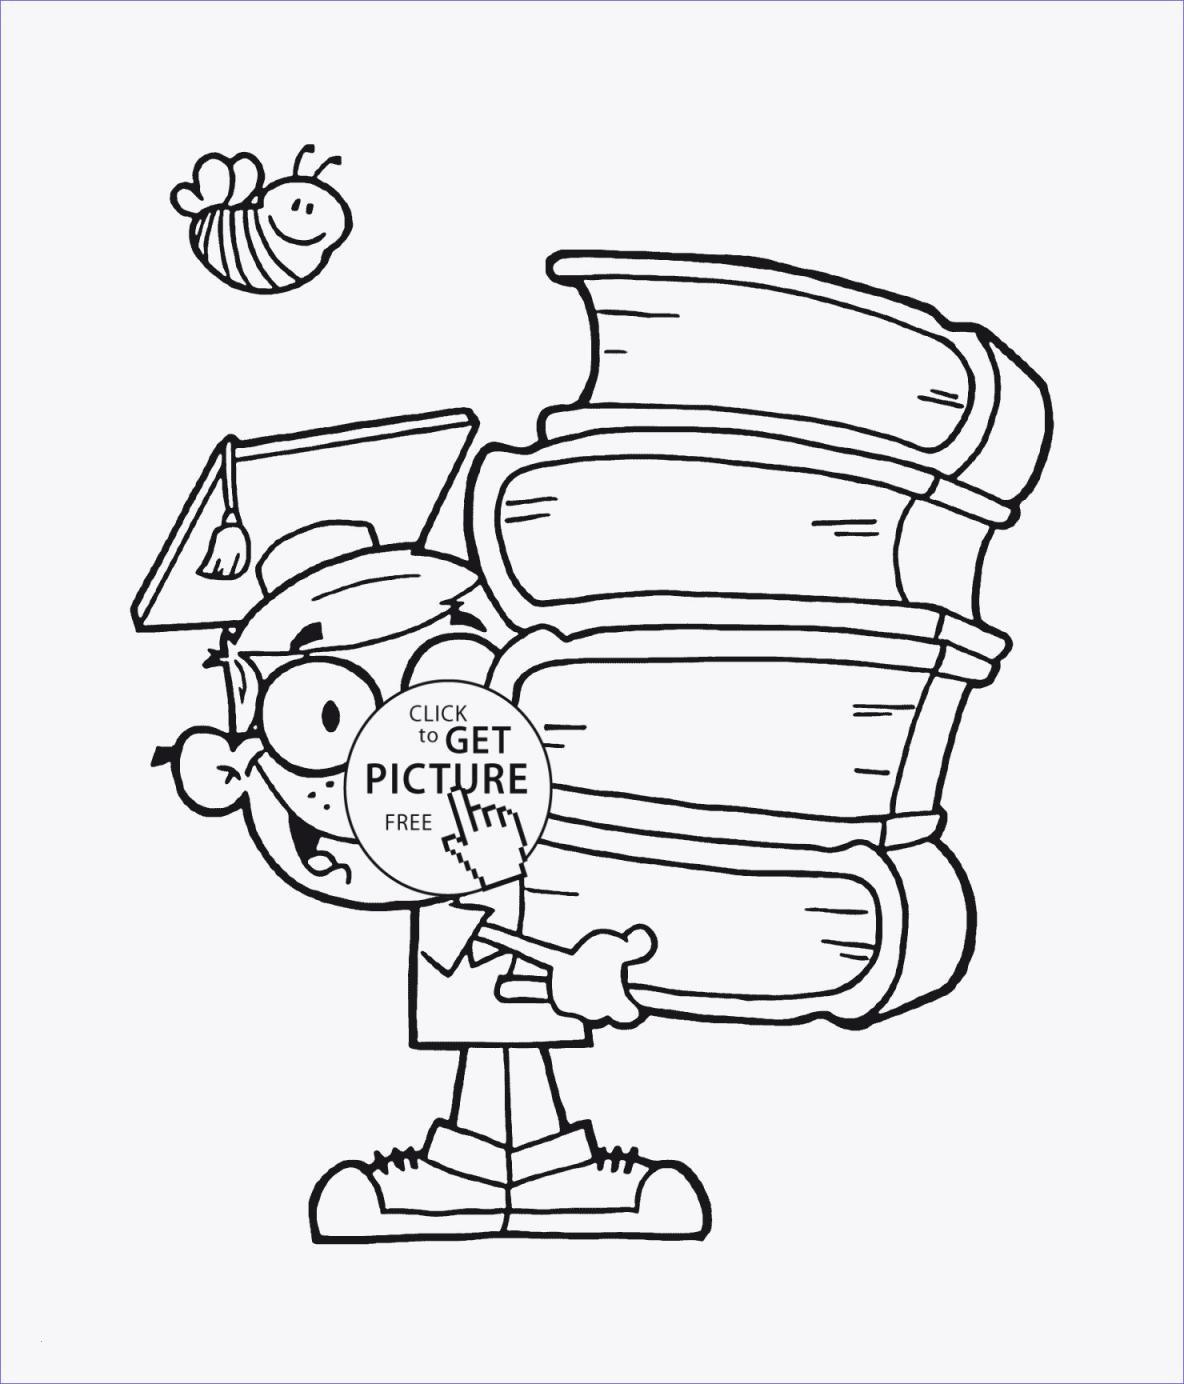 Malvorlagen Winnie Pooh Das Beste Von Malvorlagen Igel Frisch Igel Grundschule 0d Archives Uploadertalk Fotografieren